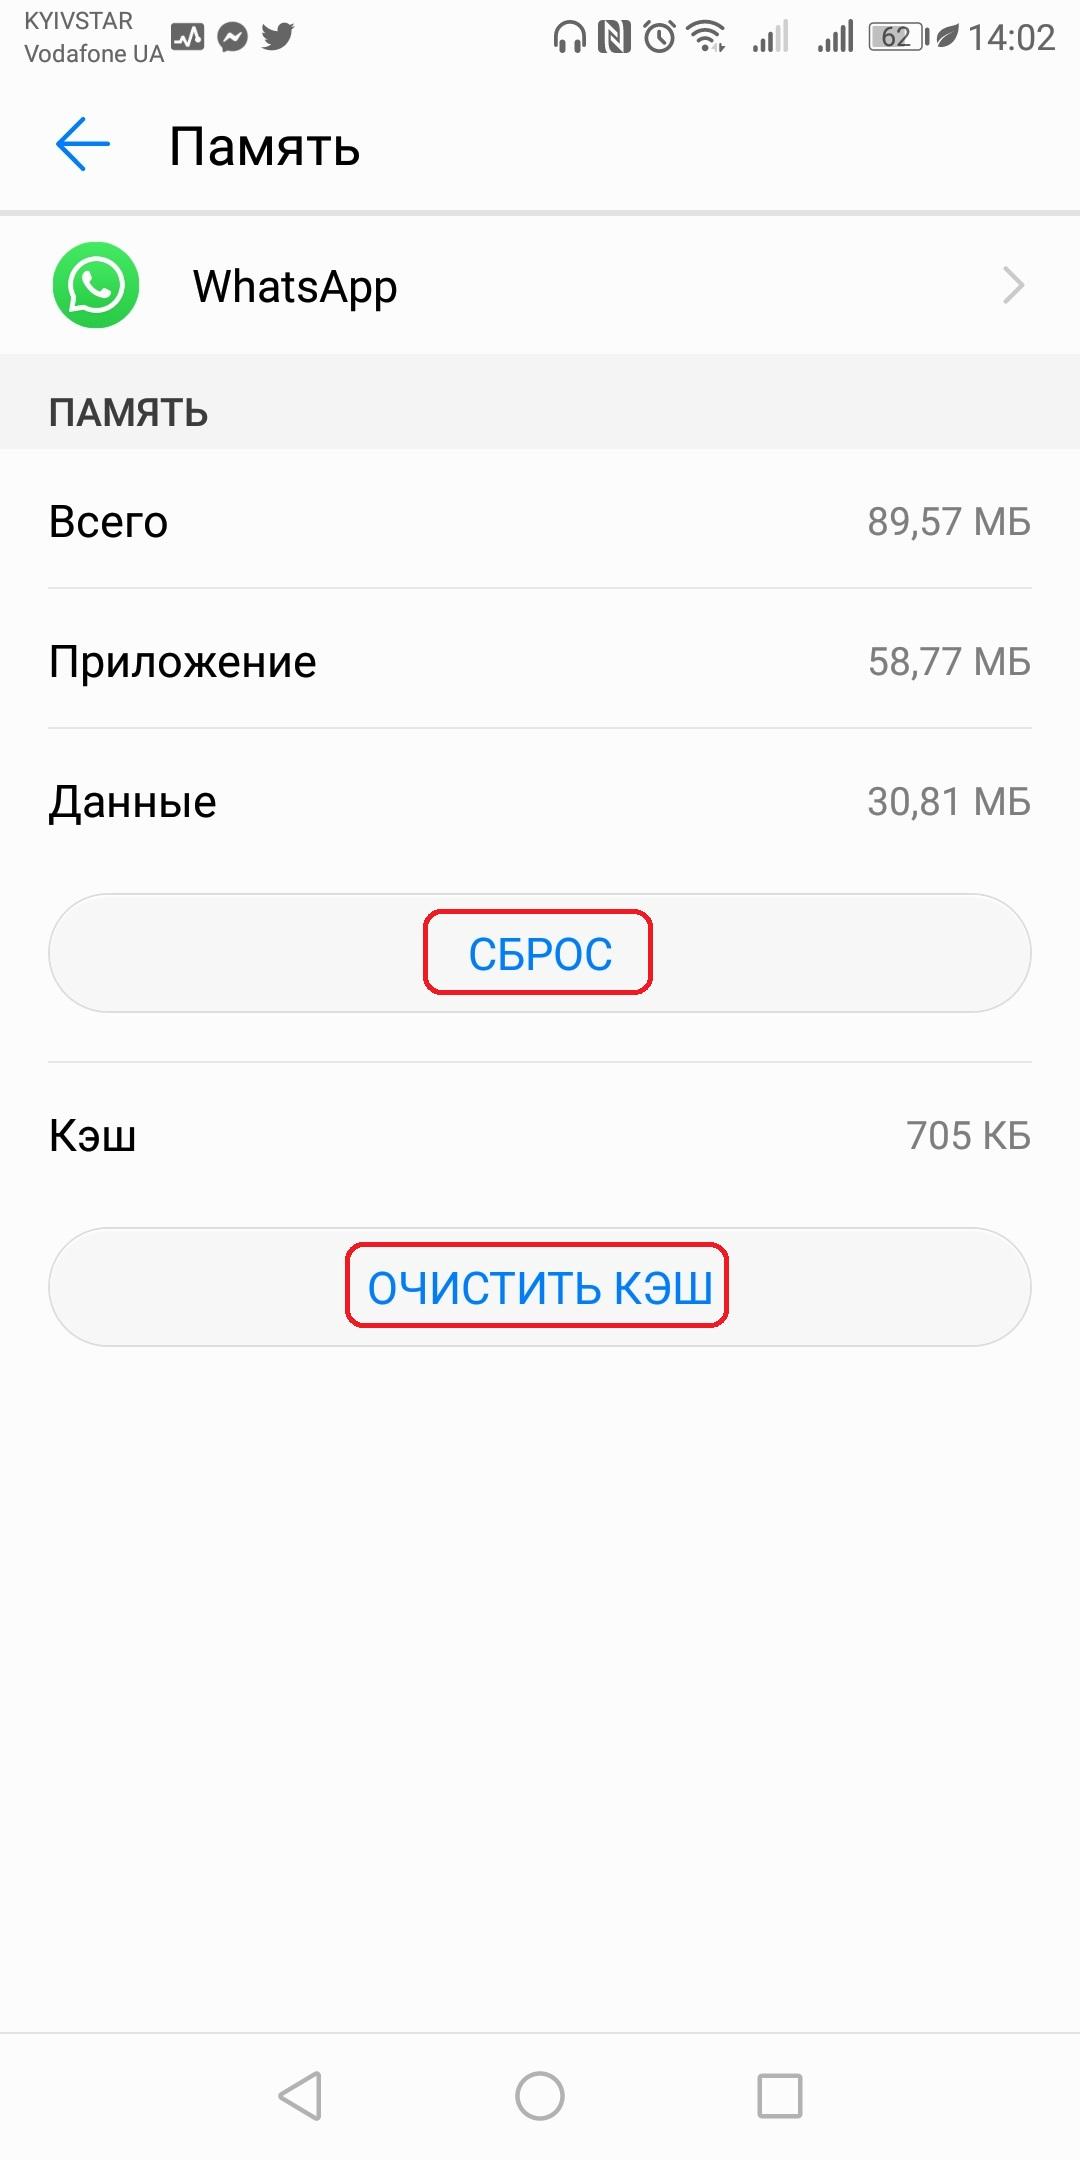 Катика 1 Как контролировать занимаемое файлами WhatsApp место в смартфоне Android